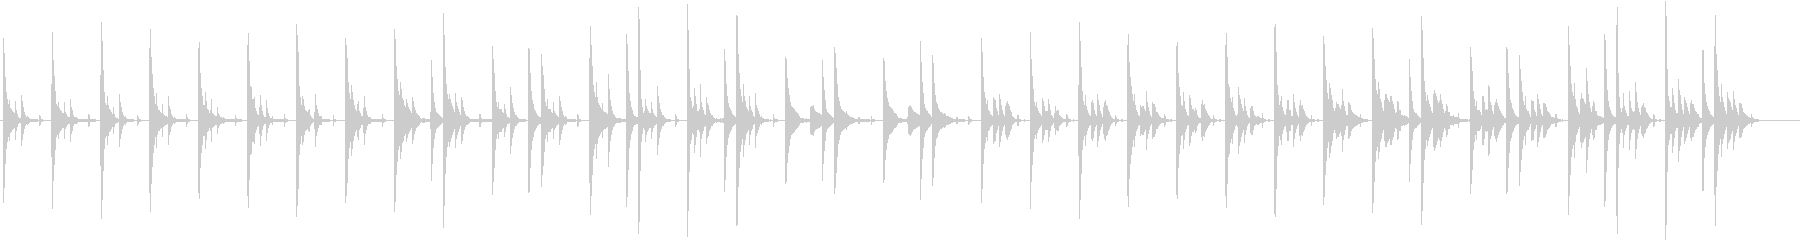 眠りを誘うようなゆったりとした曲の未再生の波形